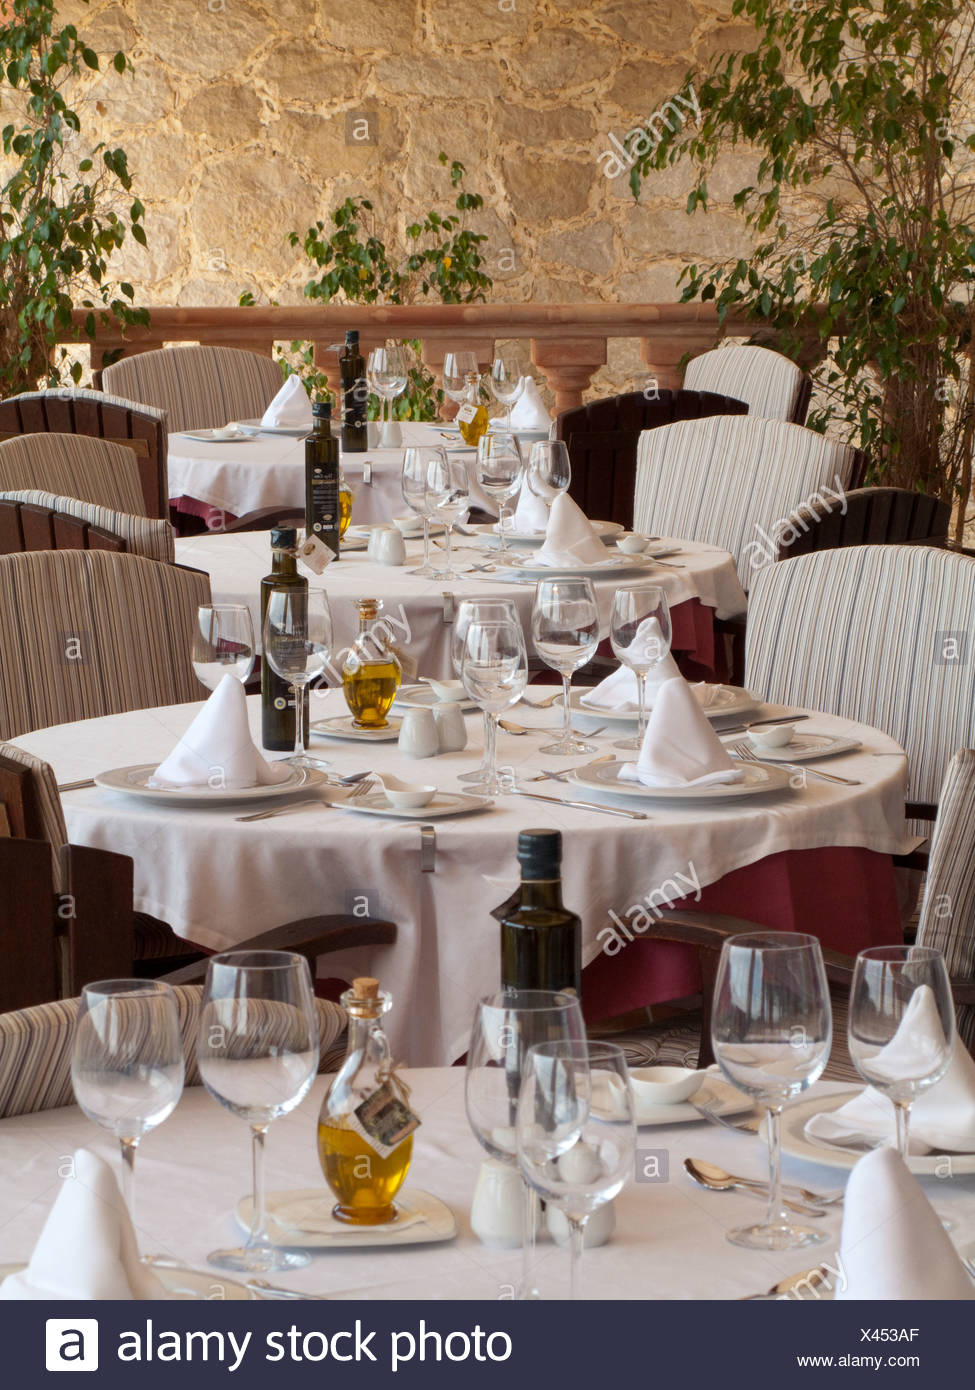 Elegante Esstische im Restaurant set mit Weingläser Stockbild